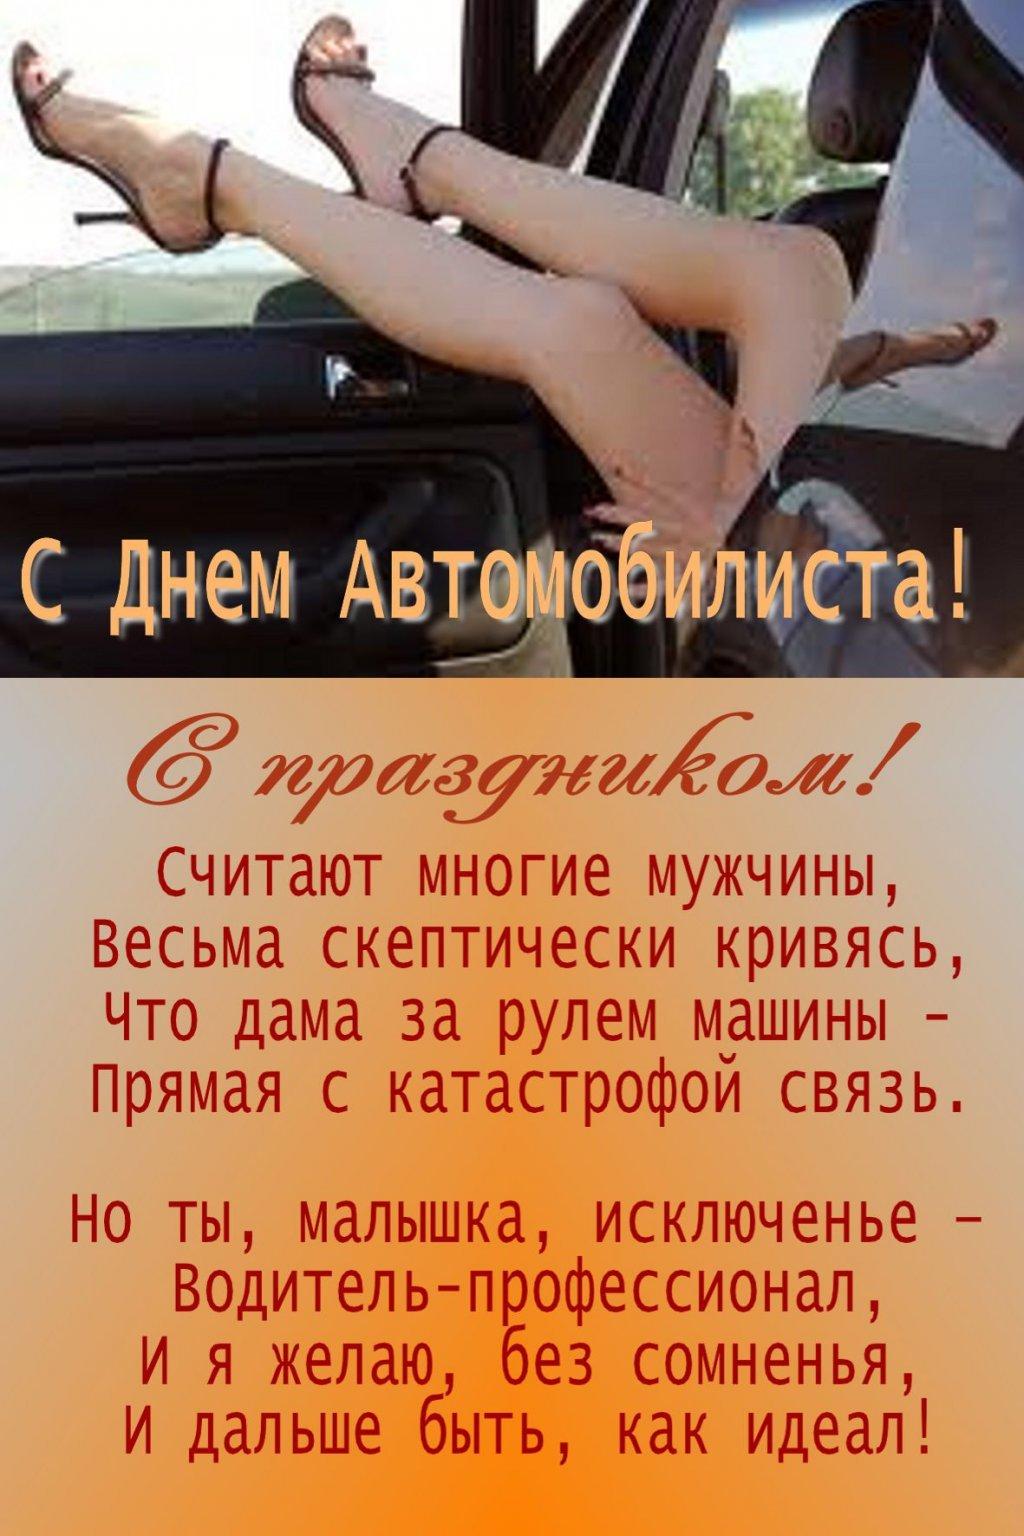 День, день автомобилиста открытки прикольные для девушек